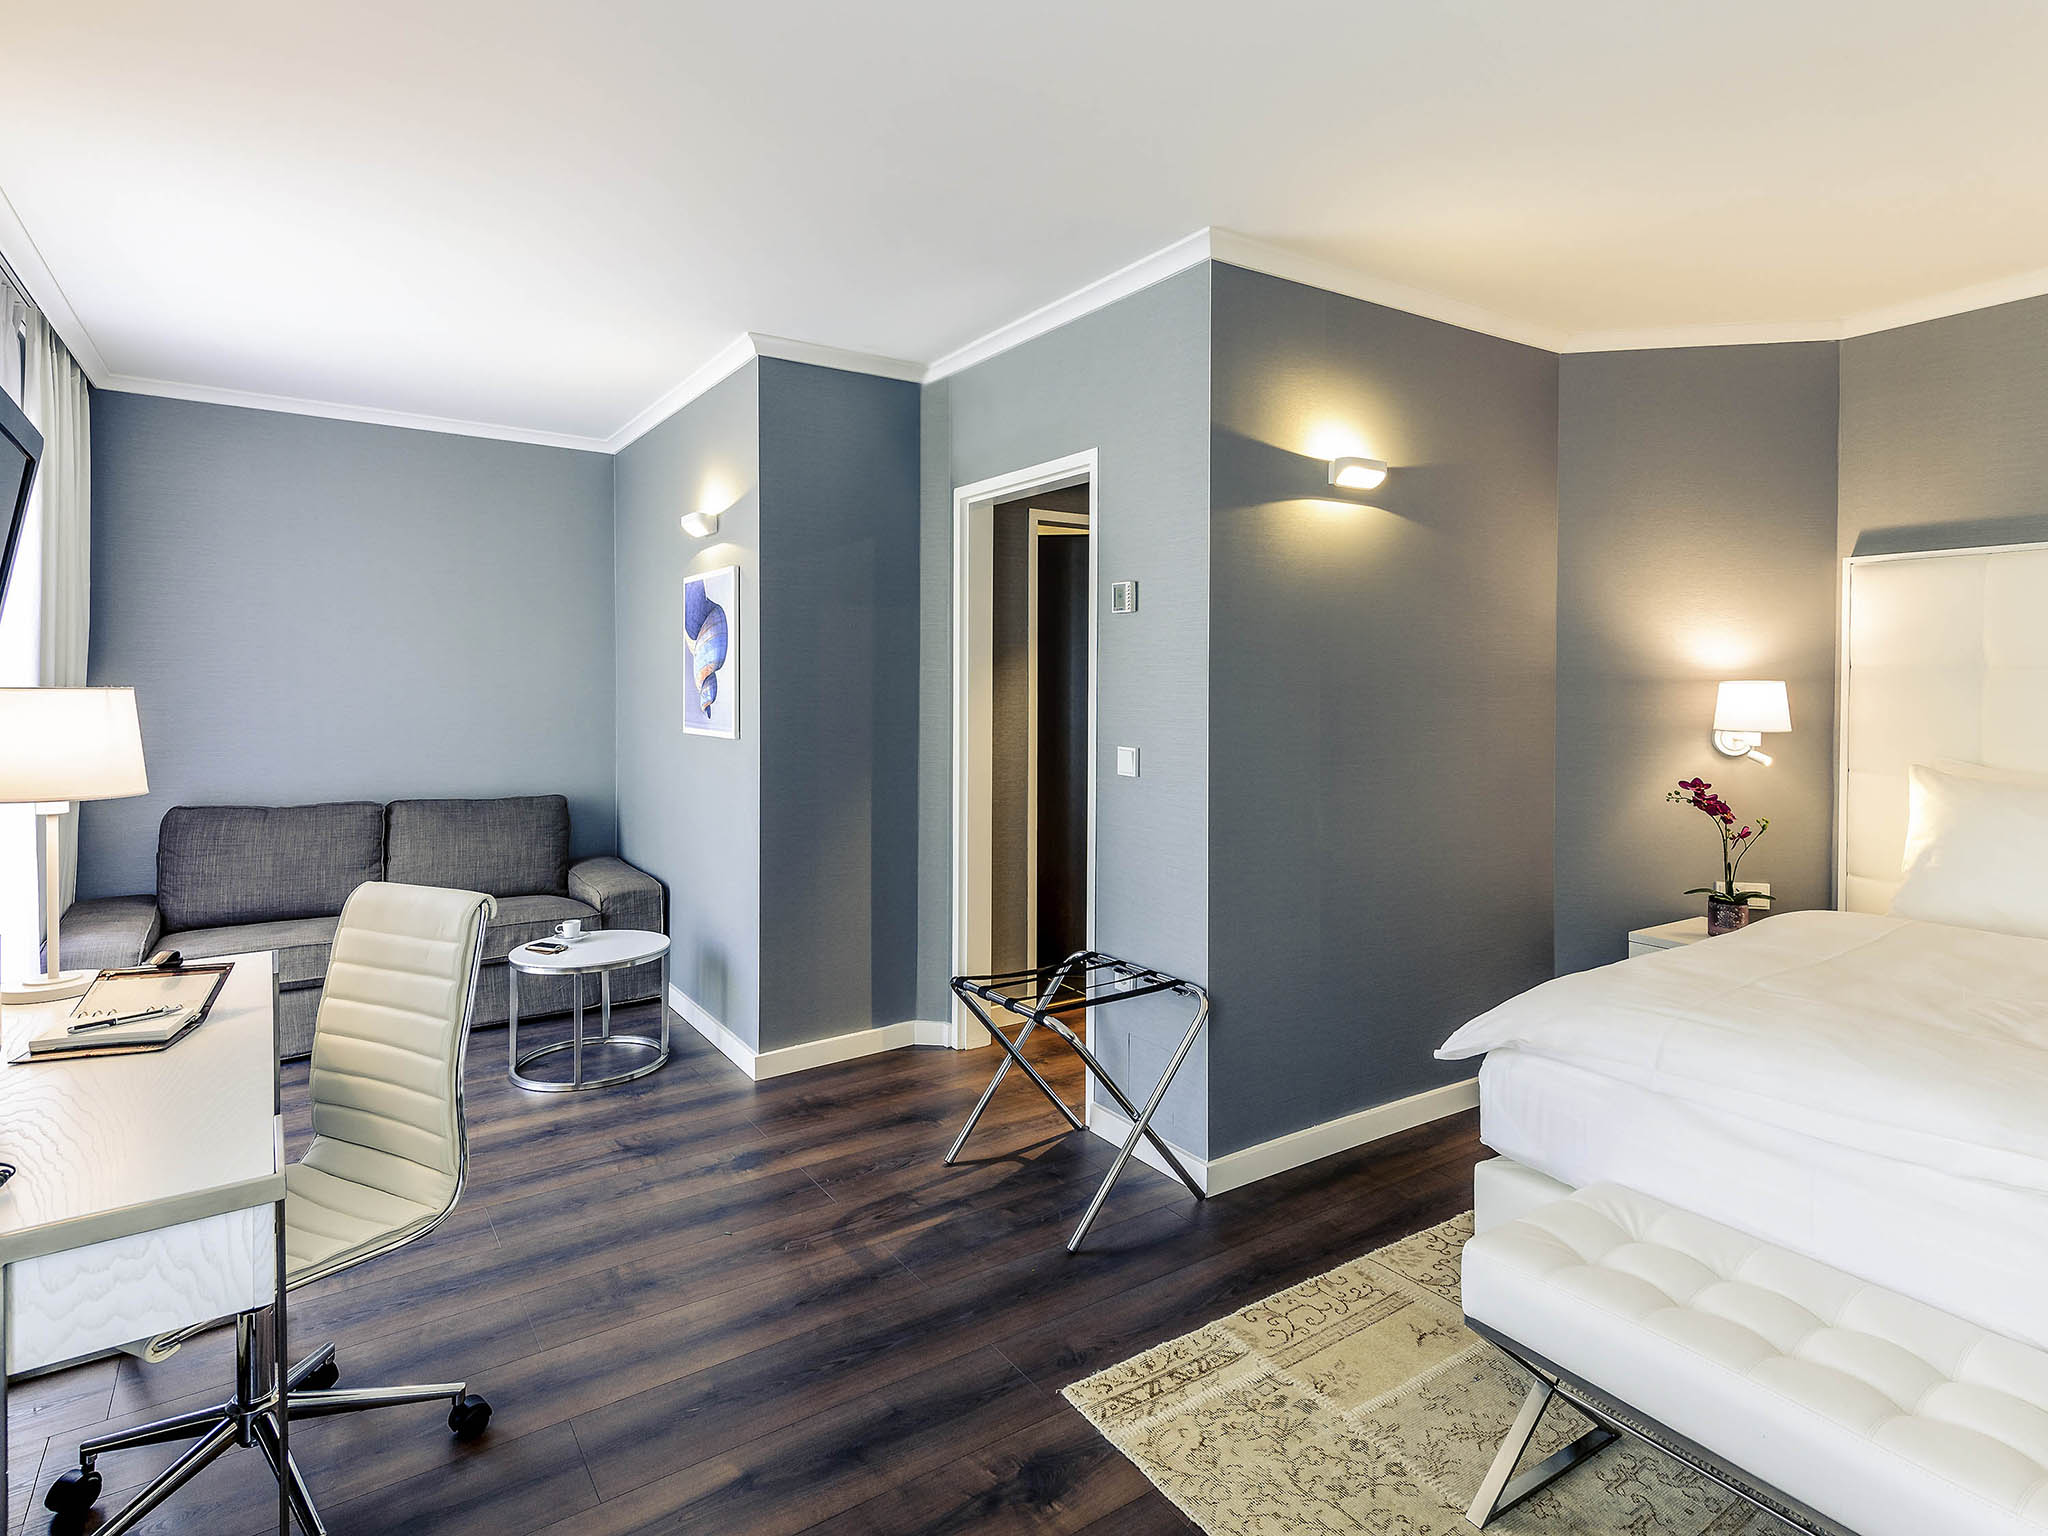 فندق - فندق مركيور MERCURE رفاييل فين